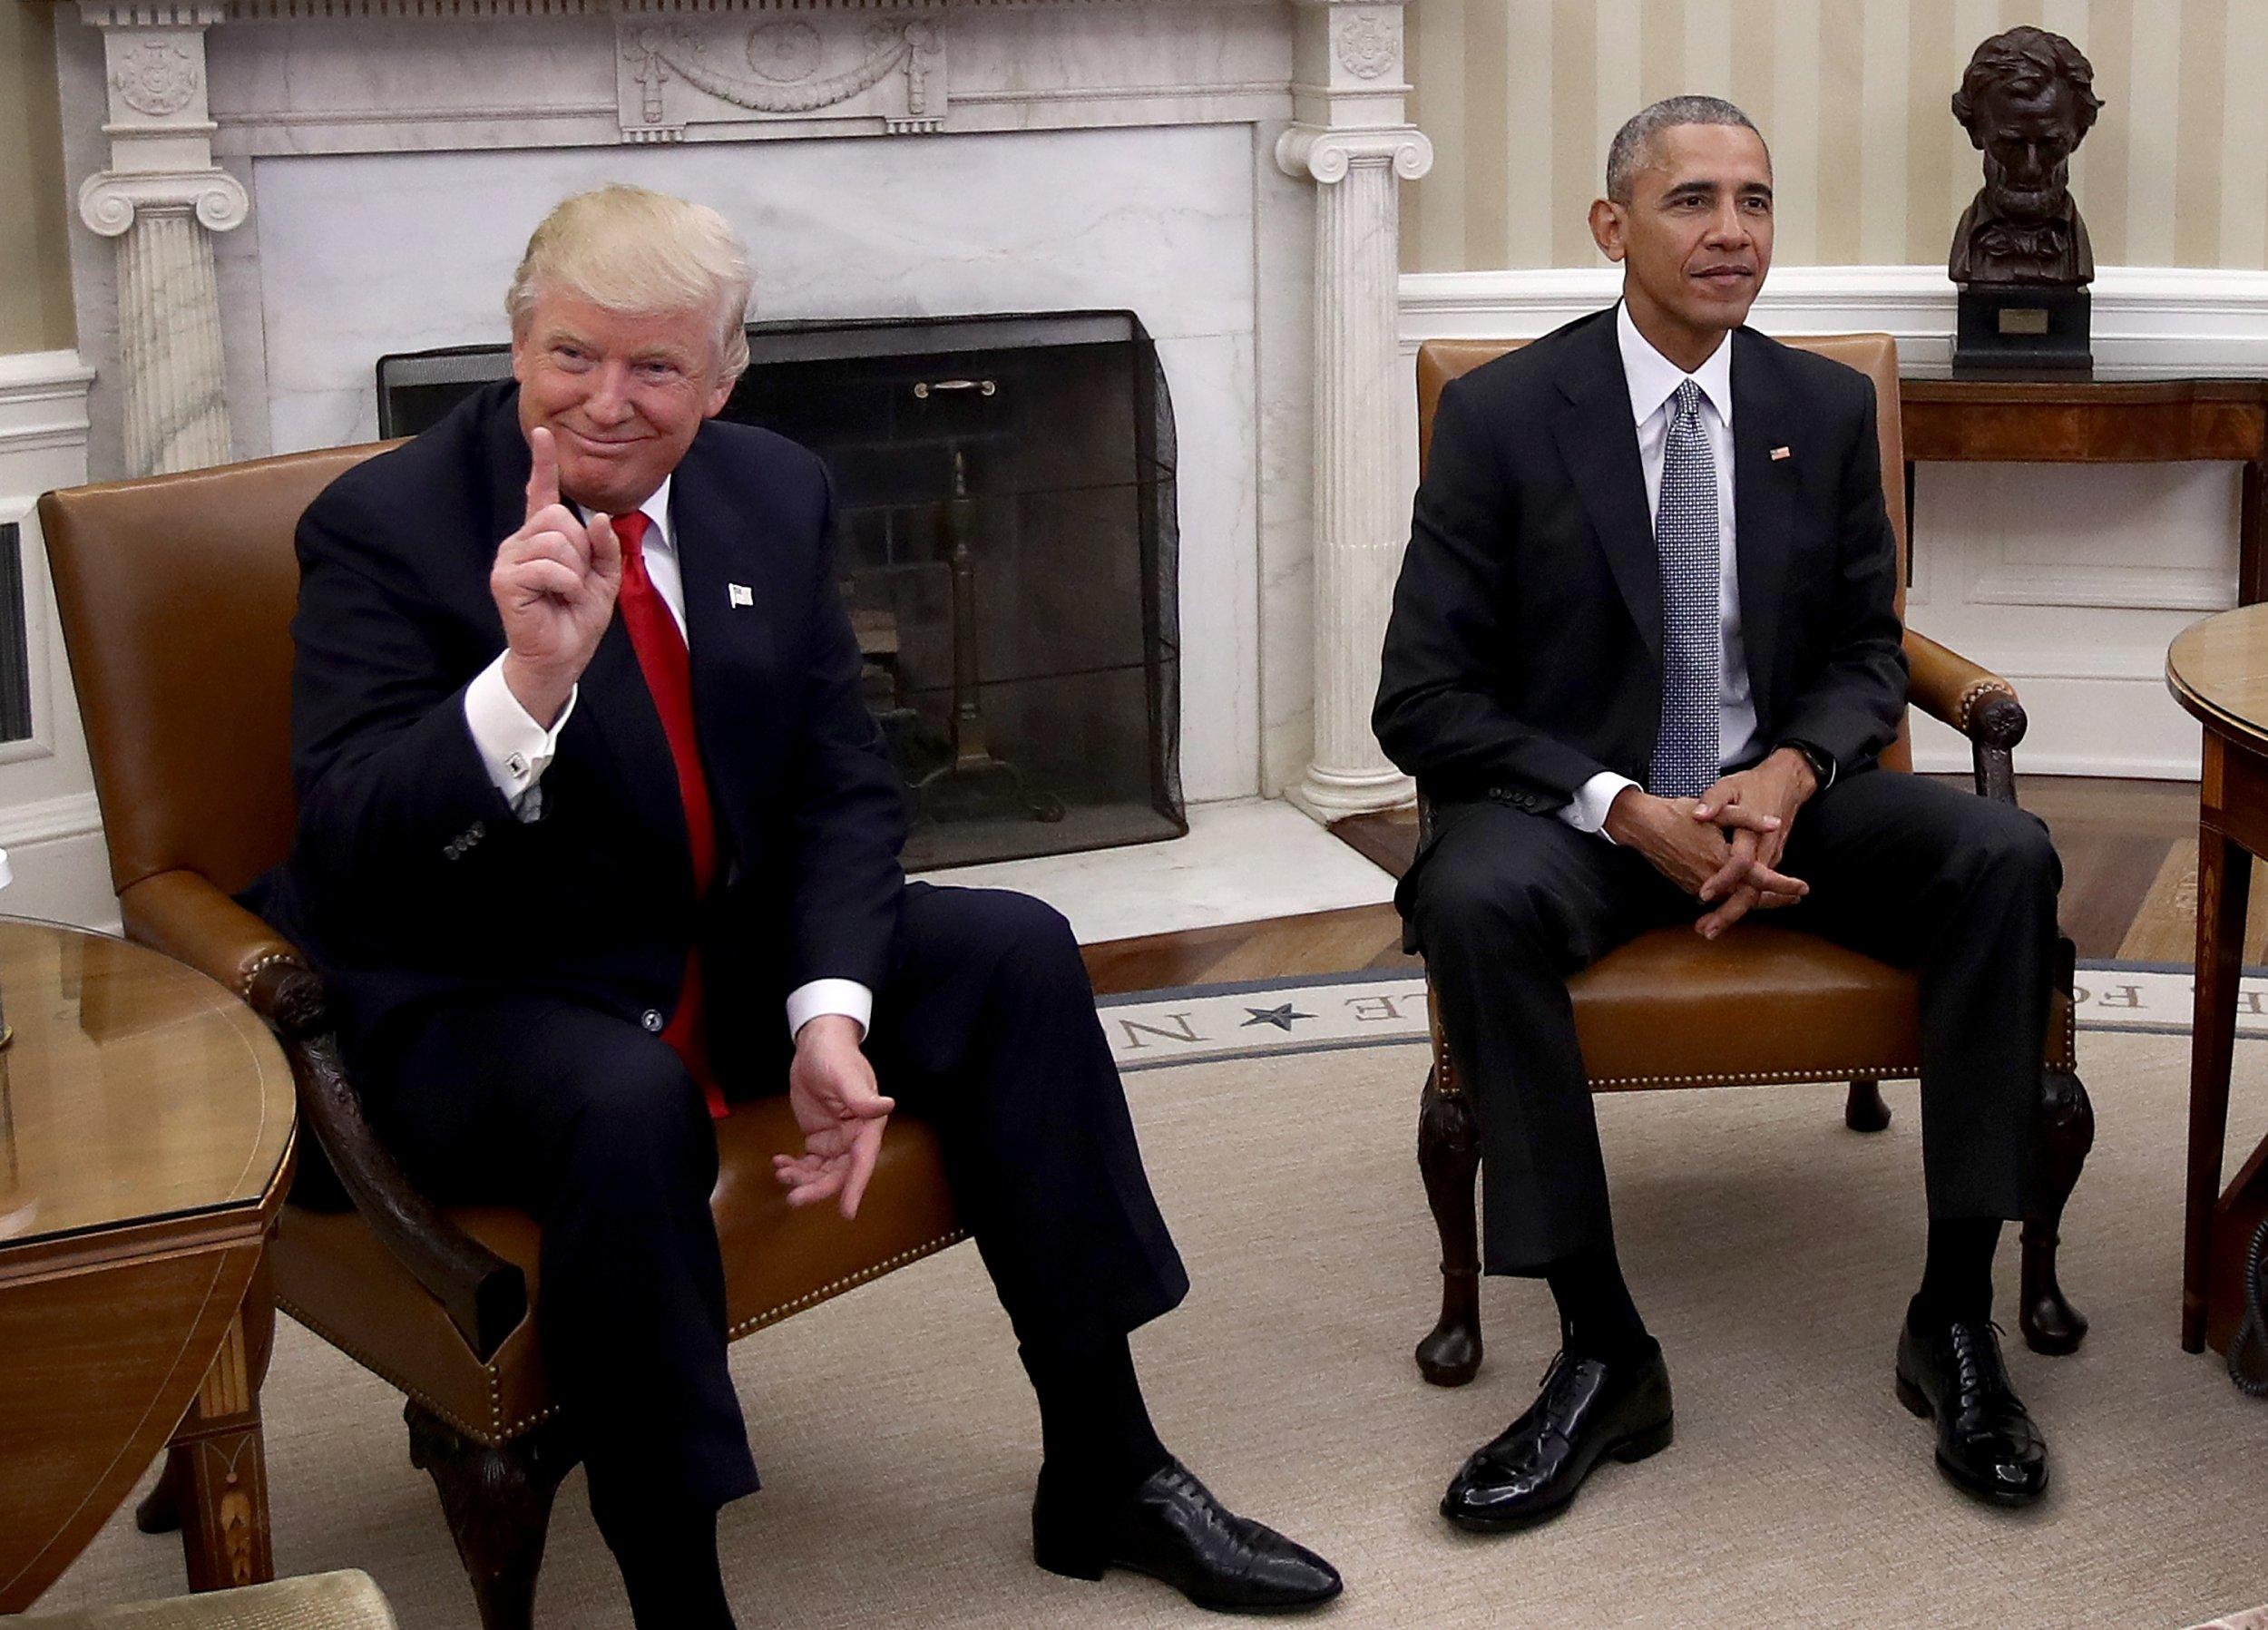 08_30_18_ObamaFox